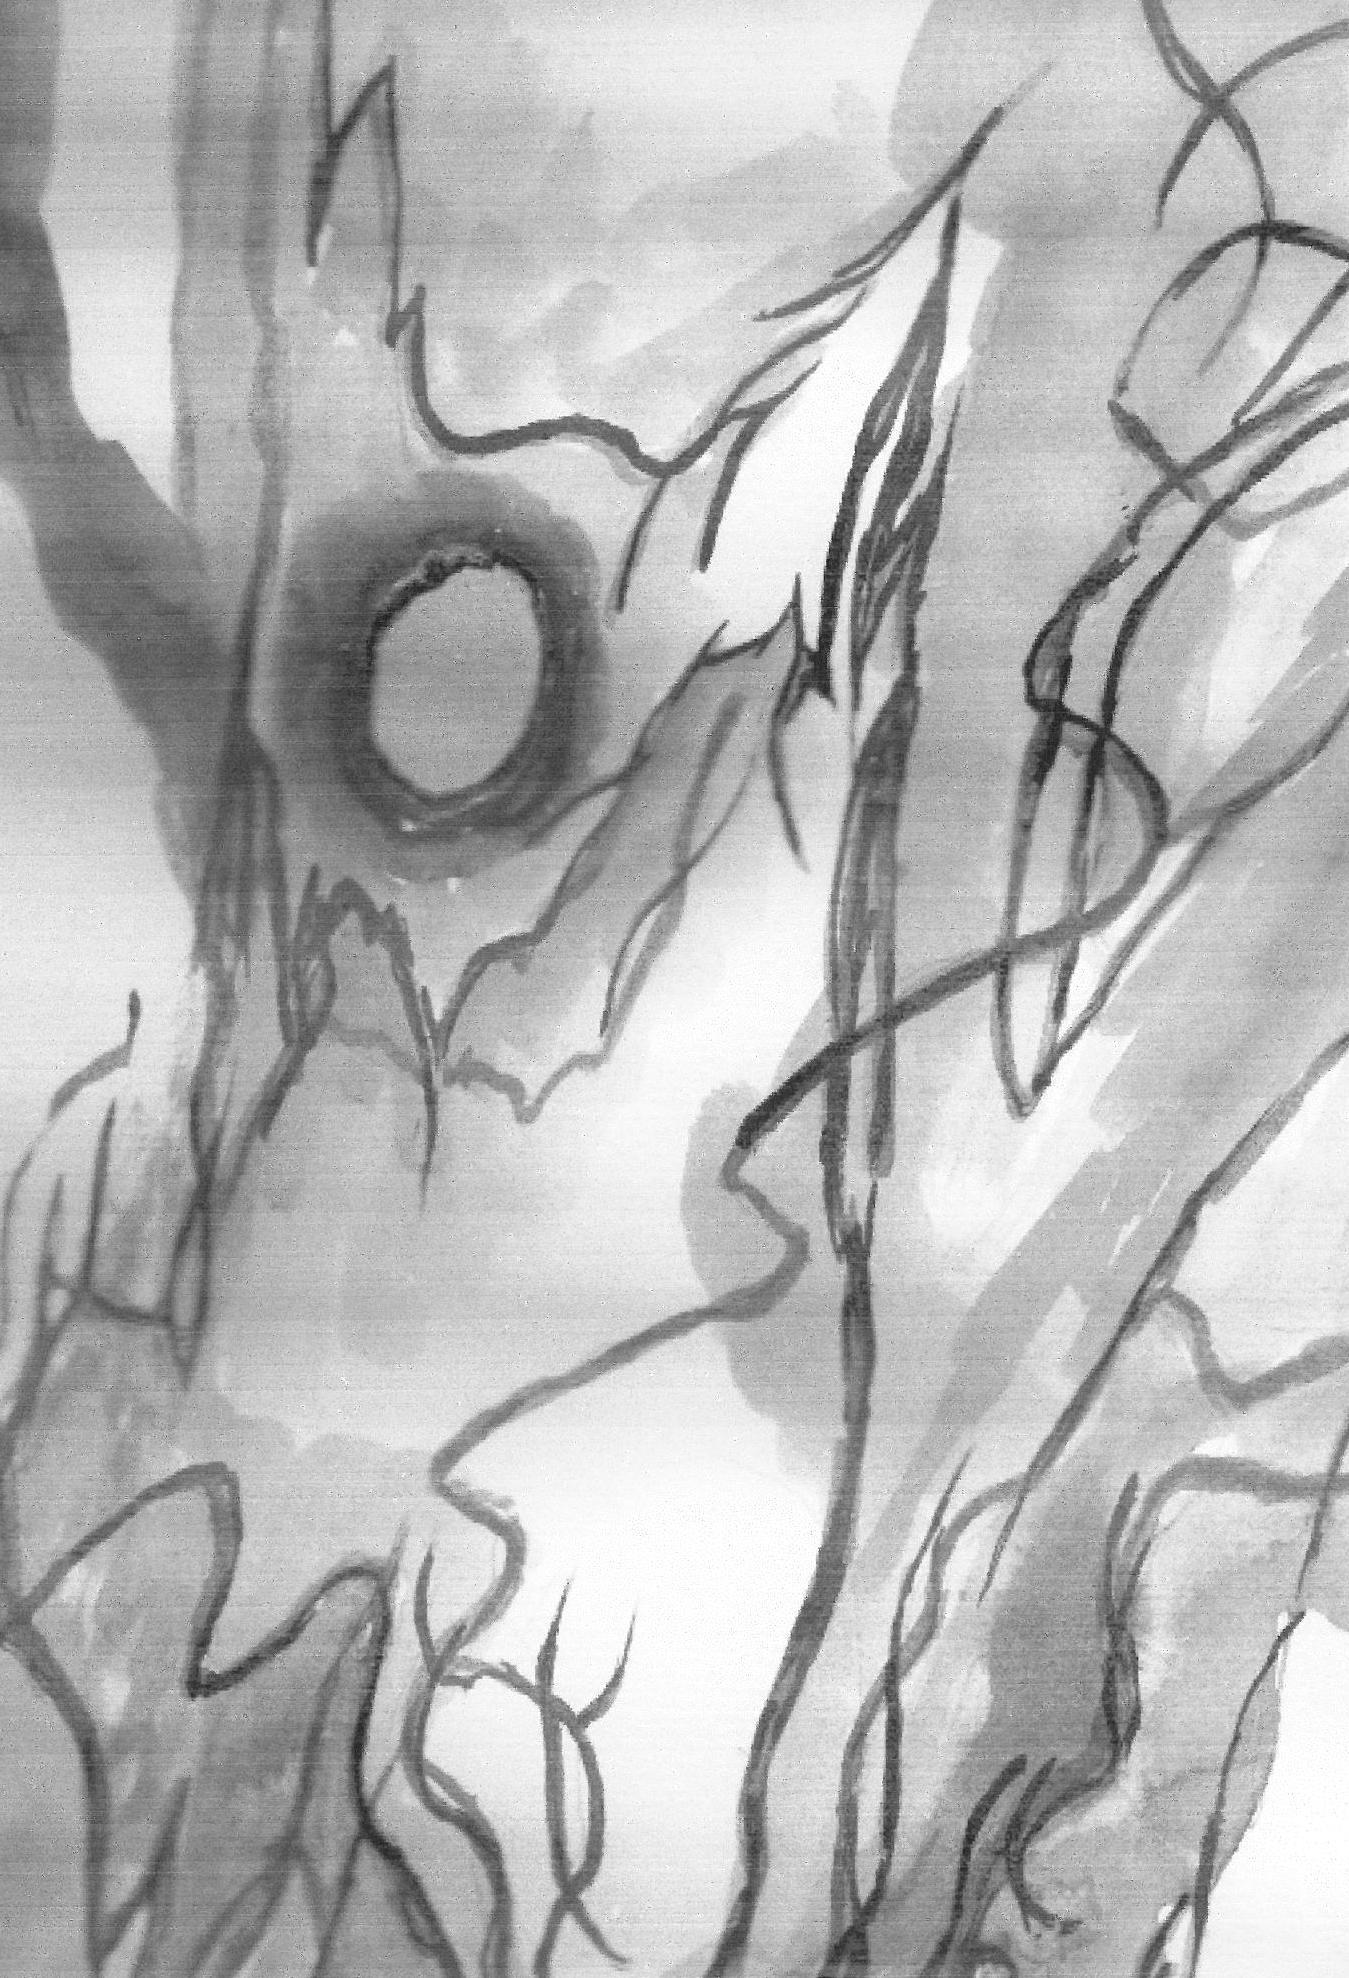 La Mancha Del Pecado - Infierno Indulgente